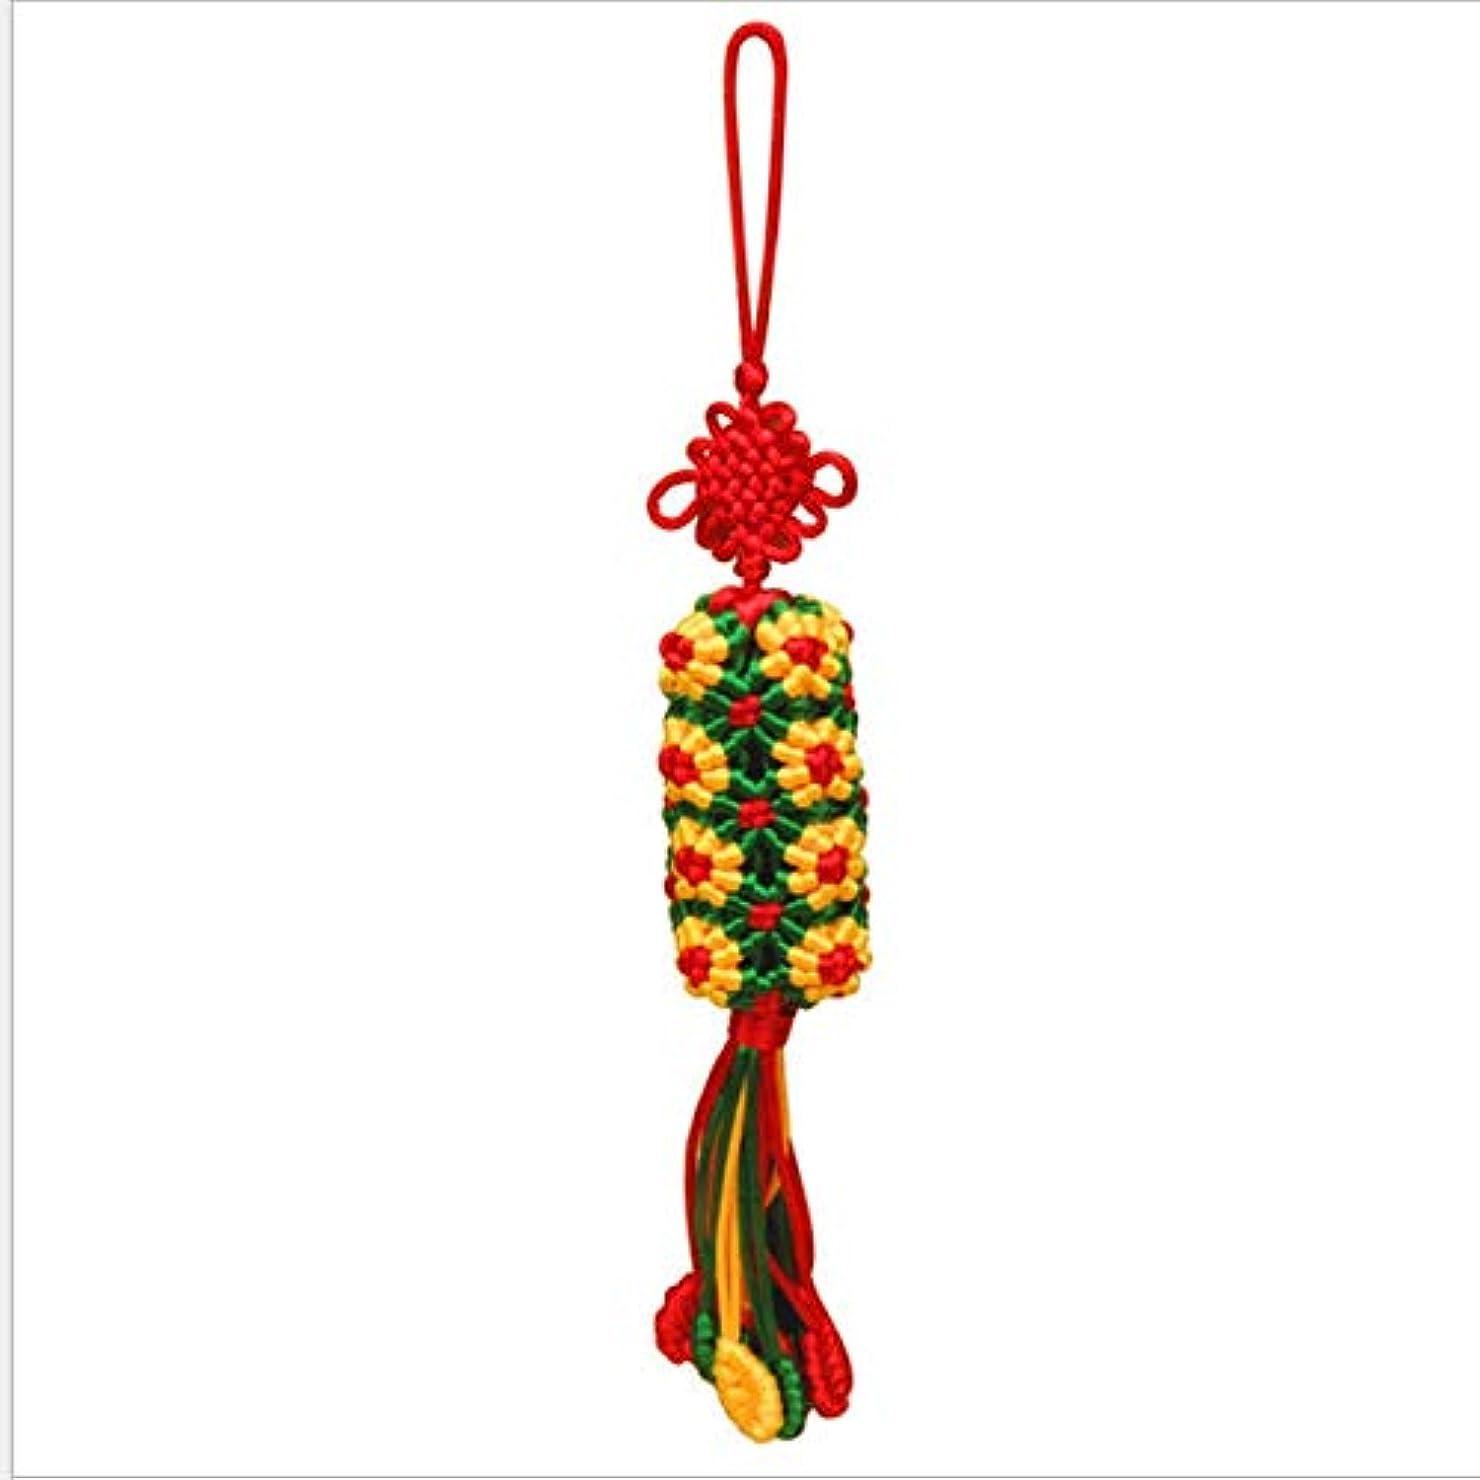 スペル保護する主にQiyuezhuangshi 1パック、カラフルなロープの手編みの小さなペンダント、ひまわりのペンダント、フリンジサテンのチャイニーズノット(赤),美しいホリデーギフト (Color : Red)